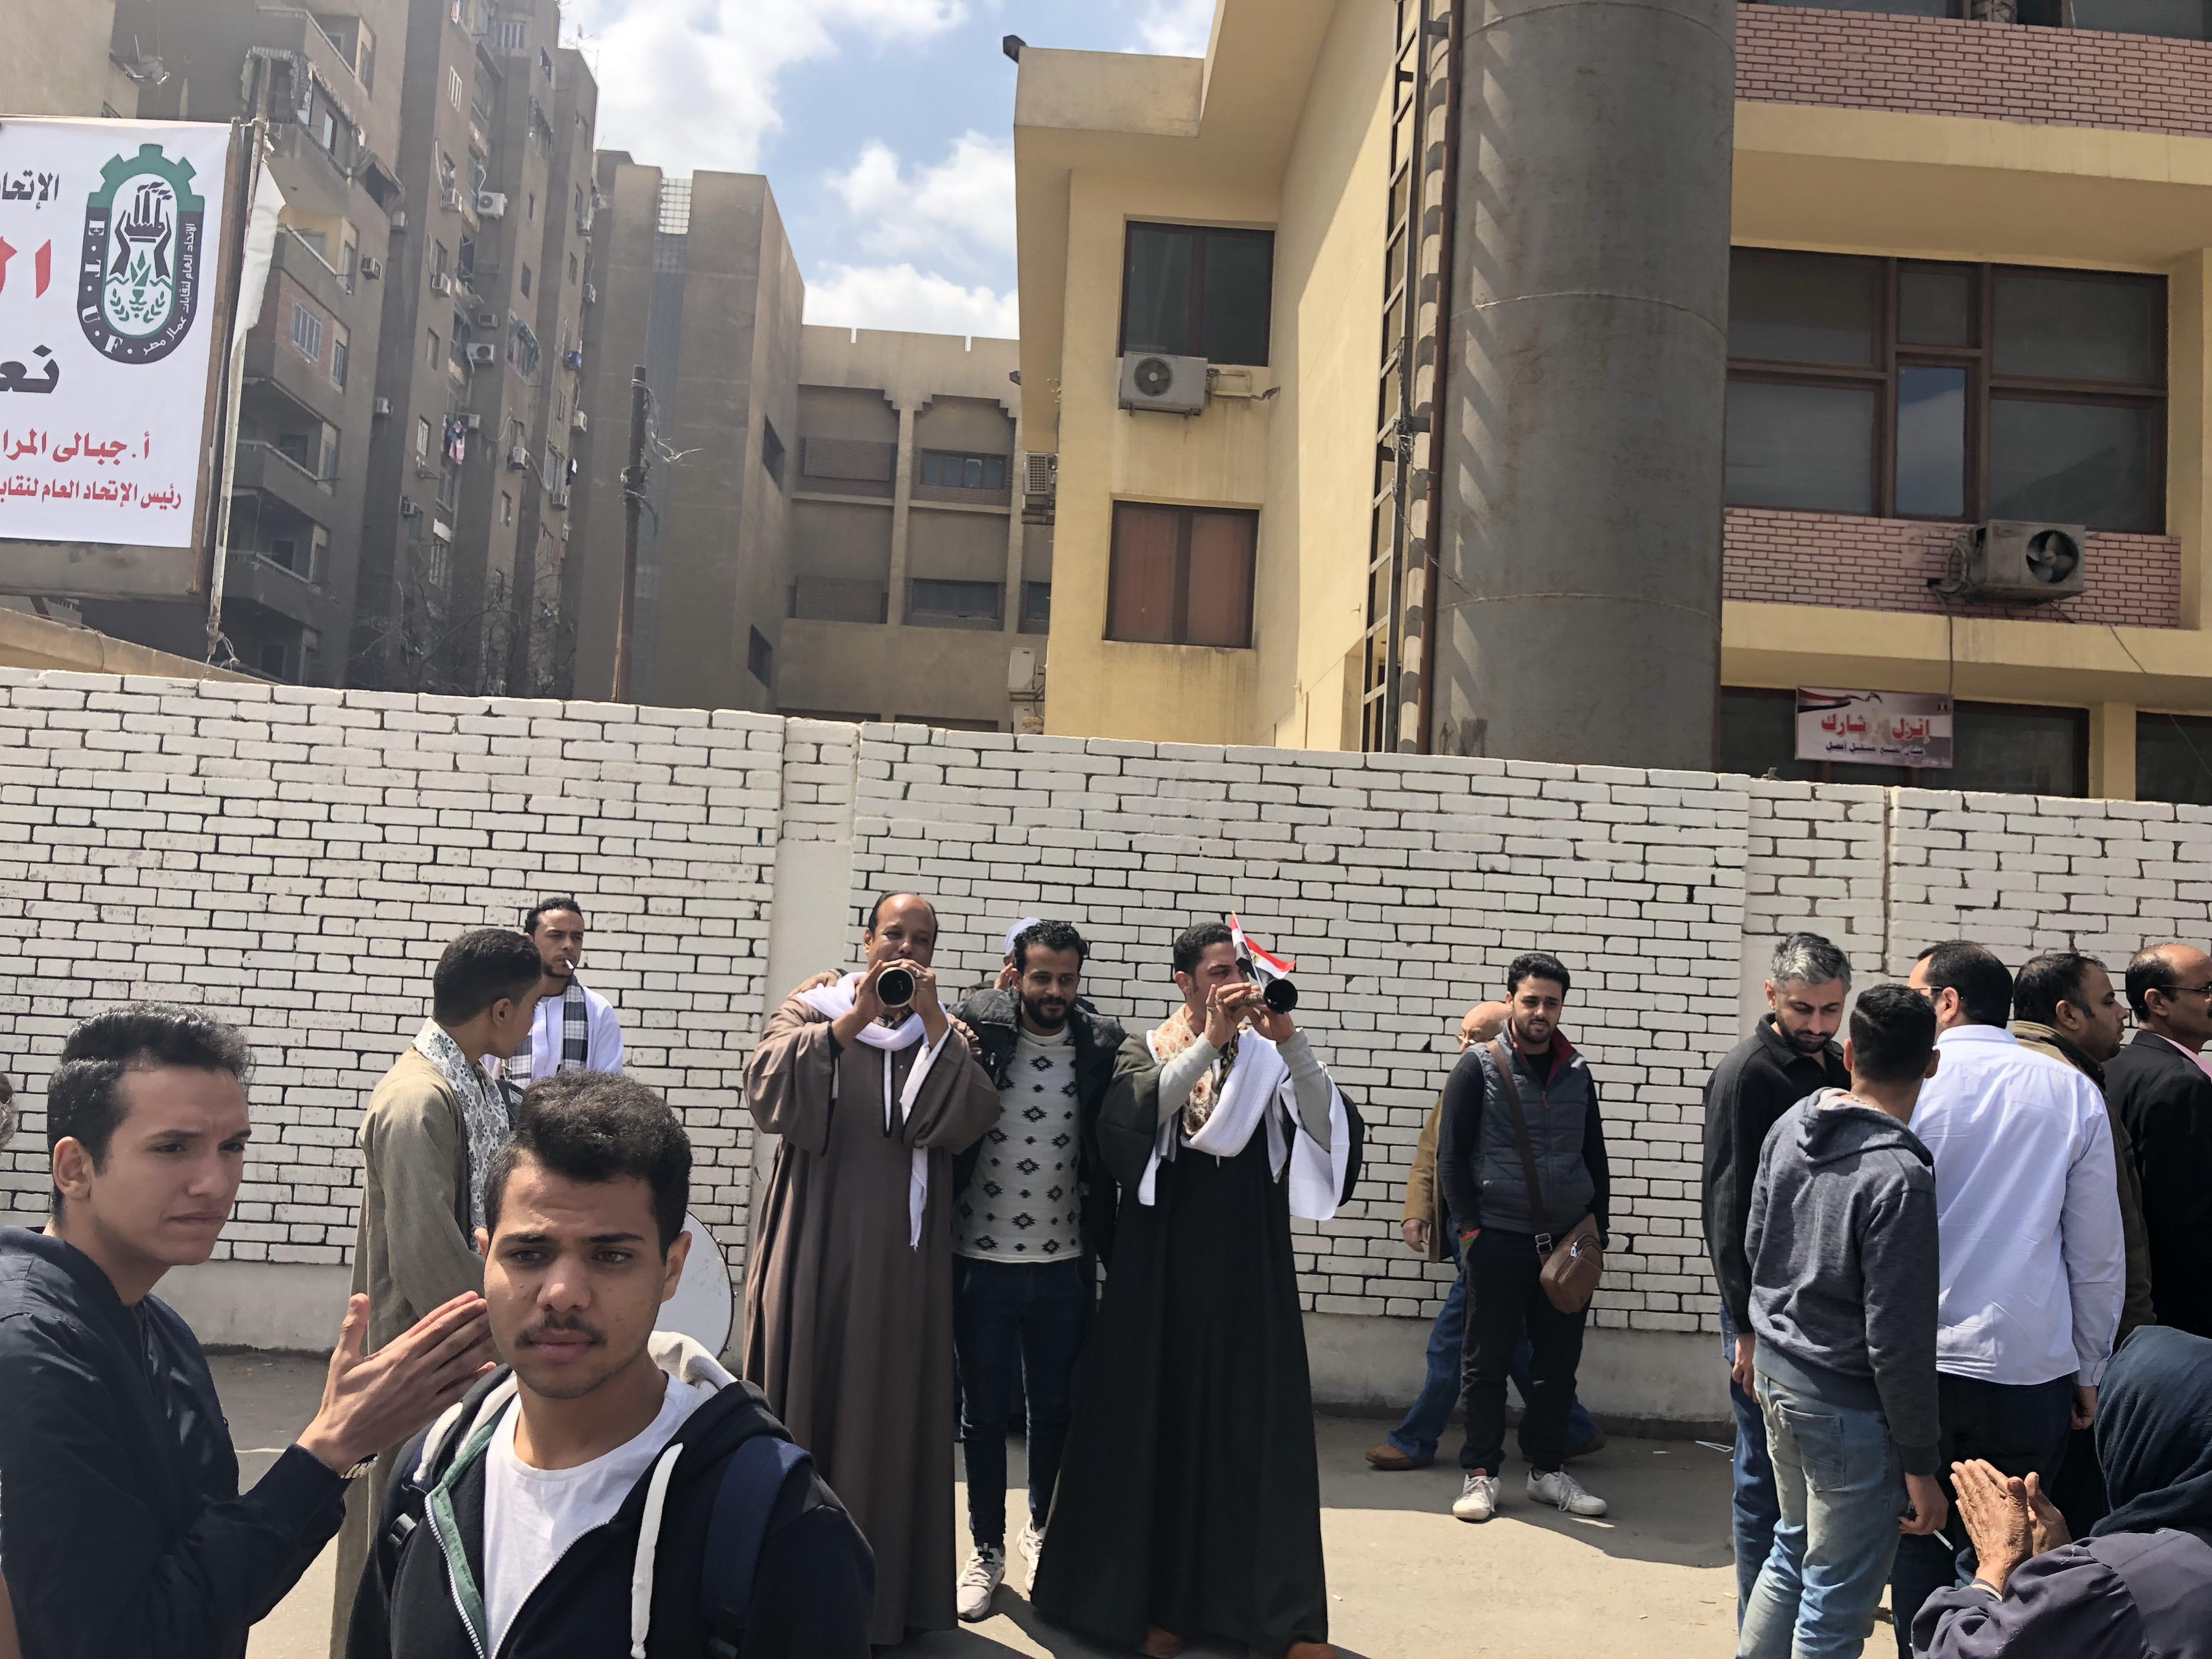 ناخبون يستعينون بالمزمار البلدى للحث على المشاركة فى التعديلات بمدينة نصر  (1)